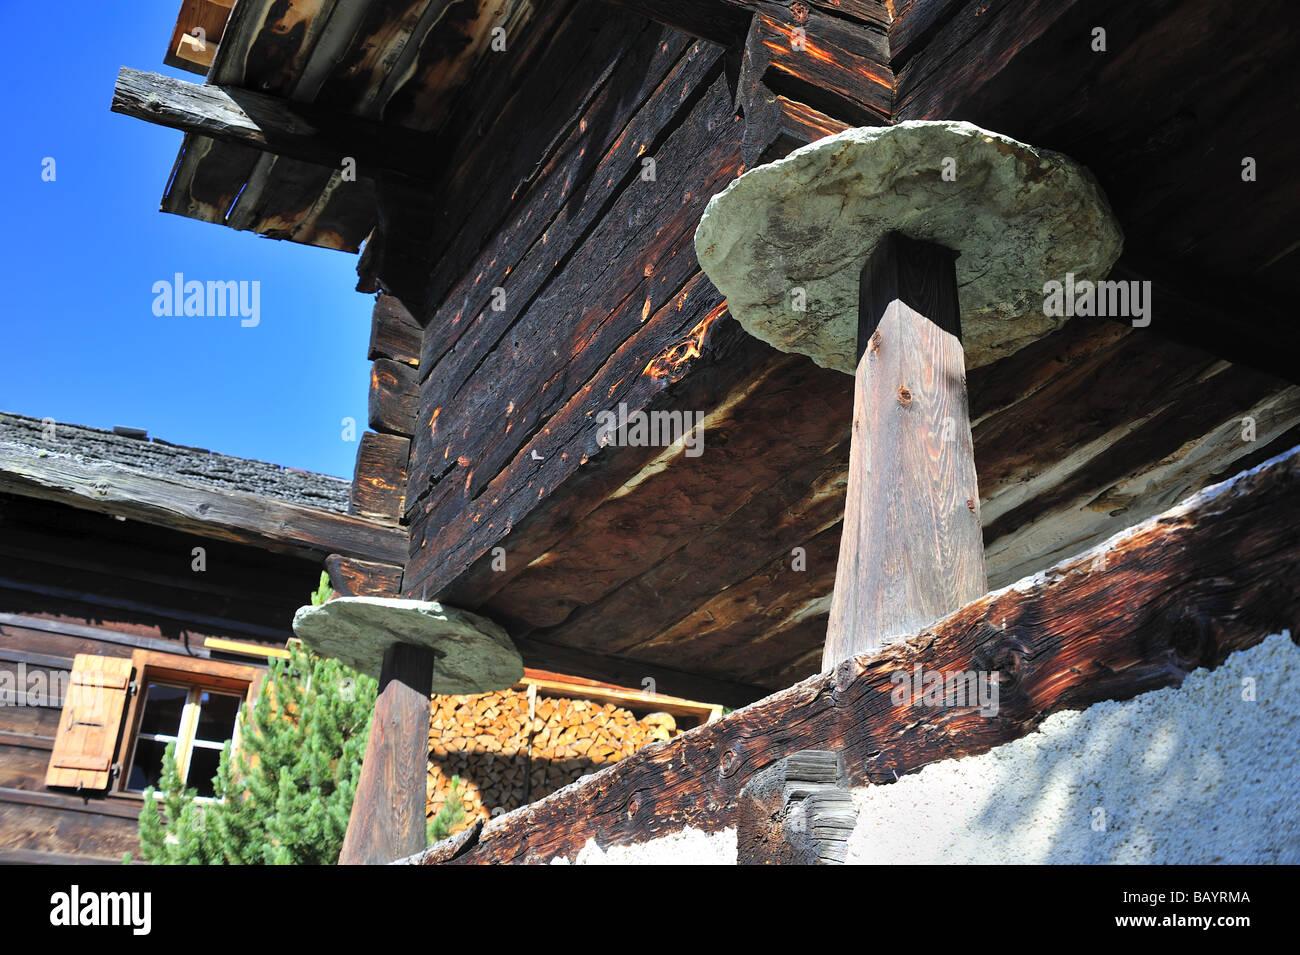 Detail der Staddle Steinen unter einem Chalet in Chandolin, Schweiz Stockbild